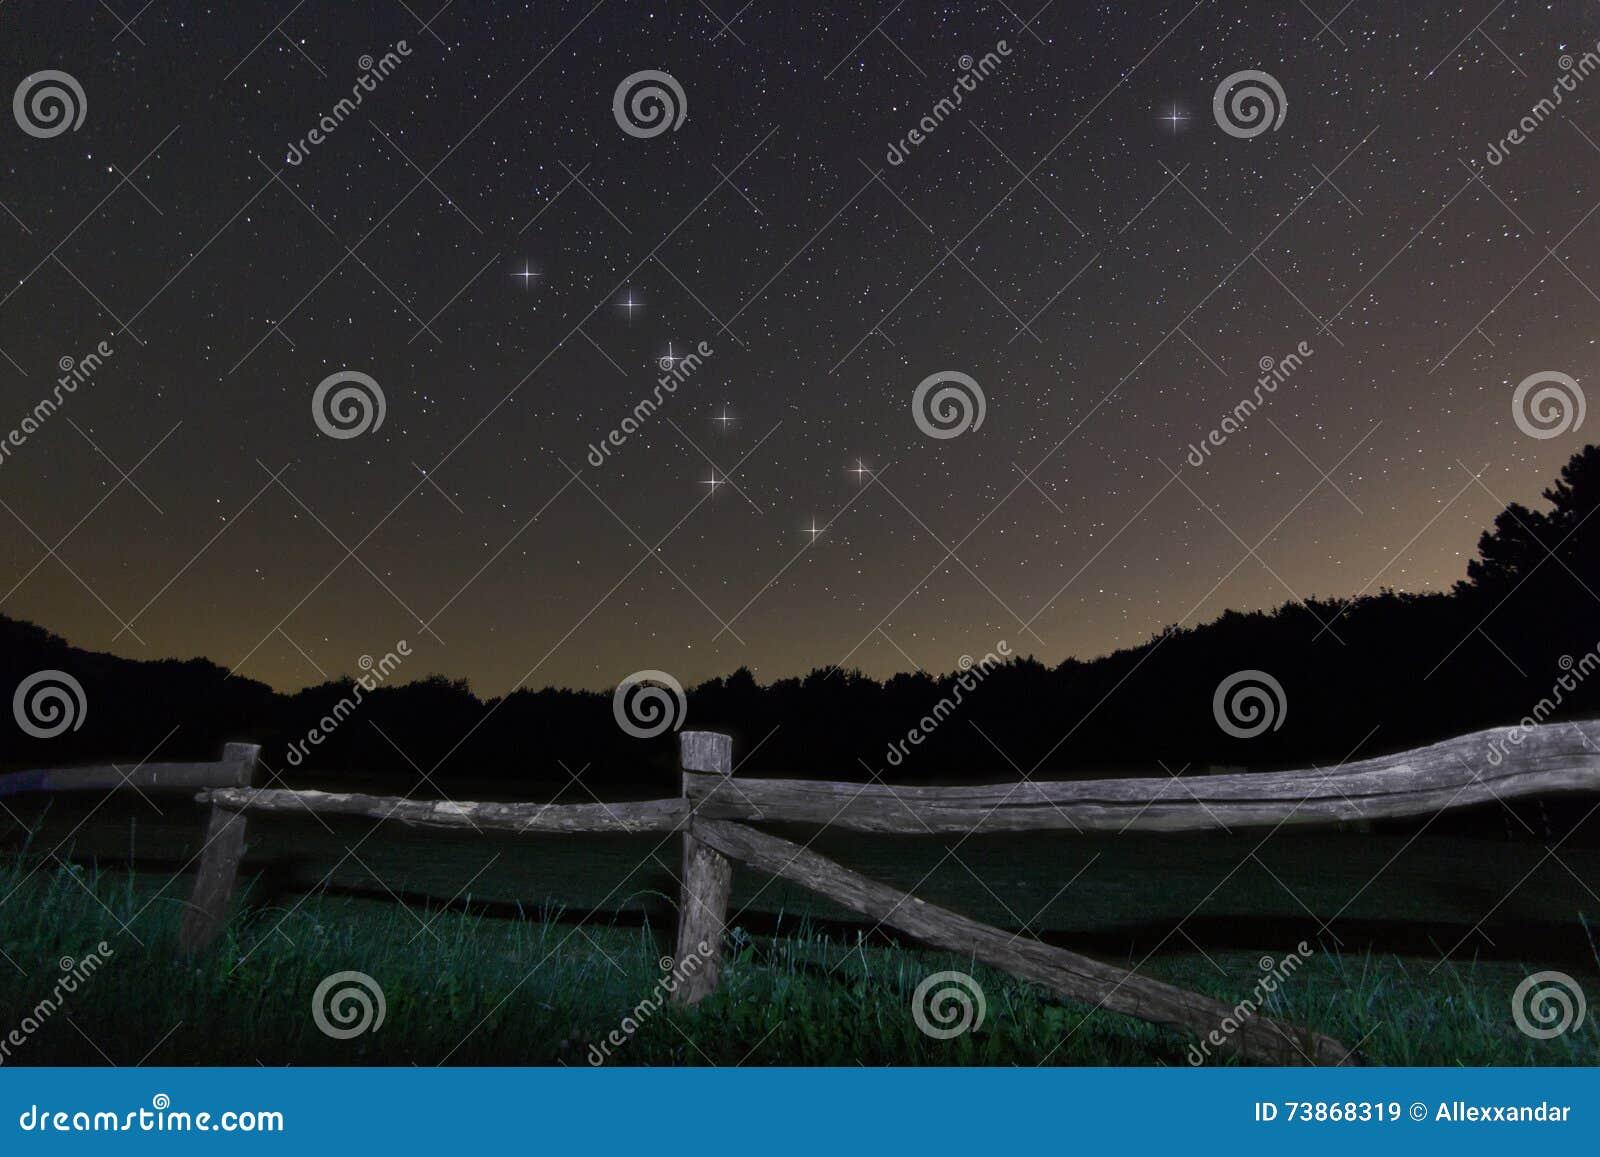 老范围 繁星之夜北极星星,夜空大熊座,七星星座美丽的